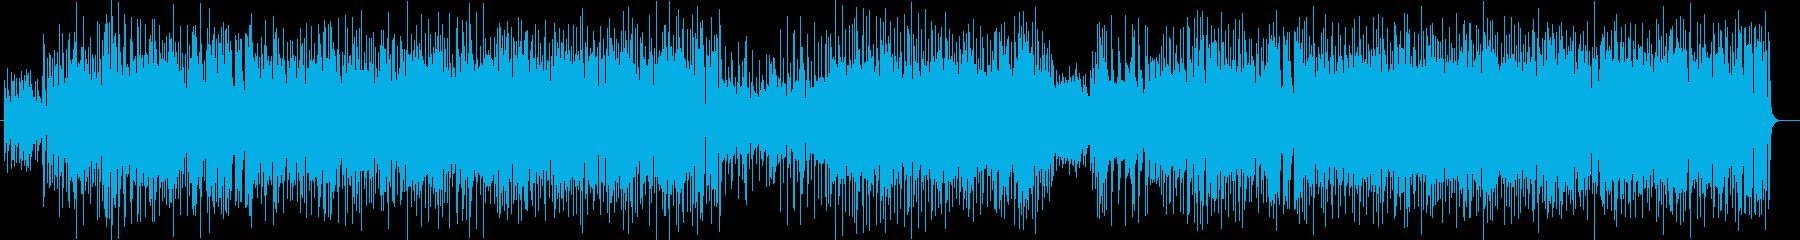 爽快なピアノ・ギターのポップサウンドの再生済みの波形